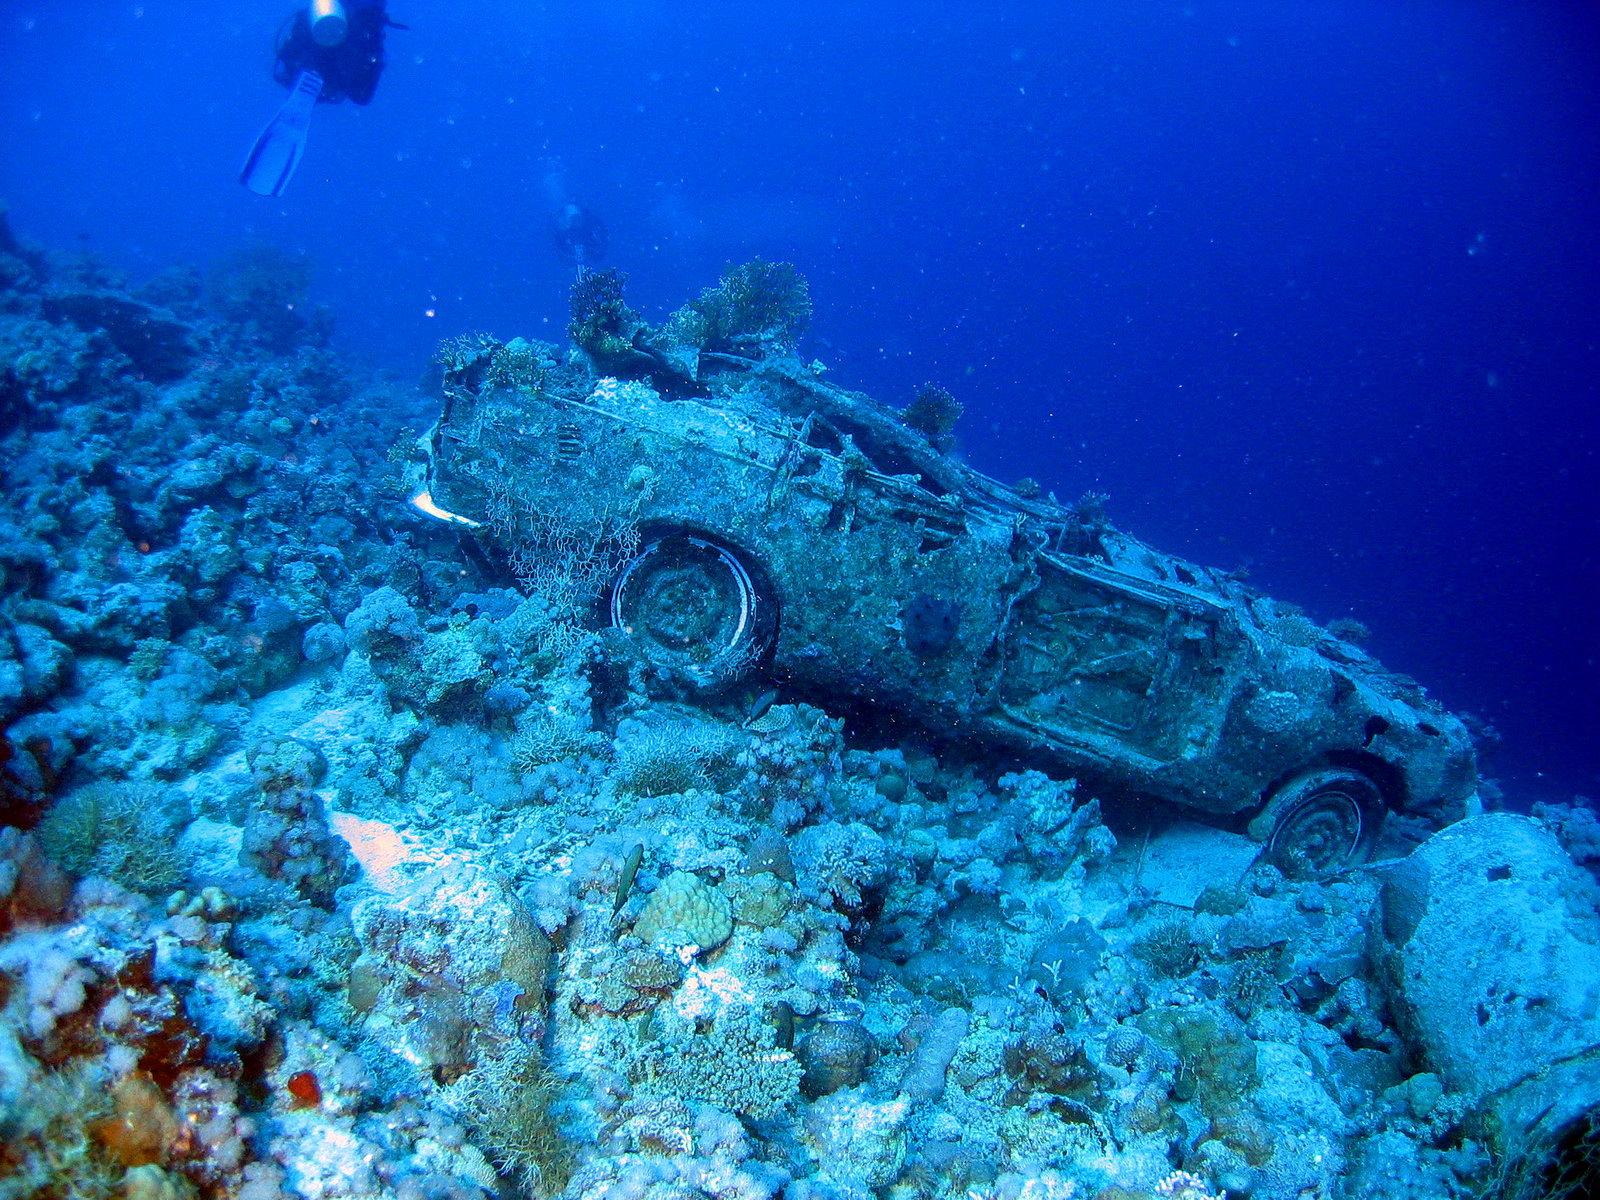 Wracktauchen am Autowrack im Roten Meer